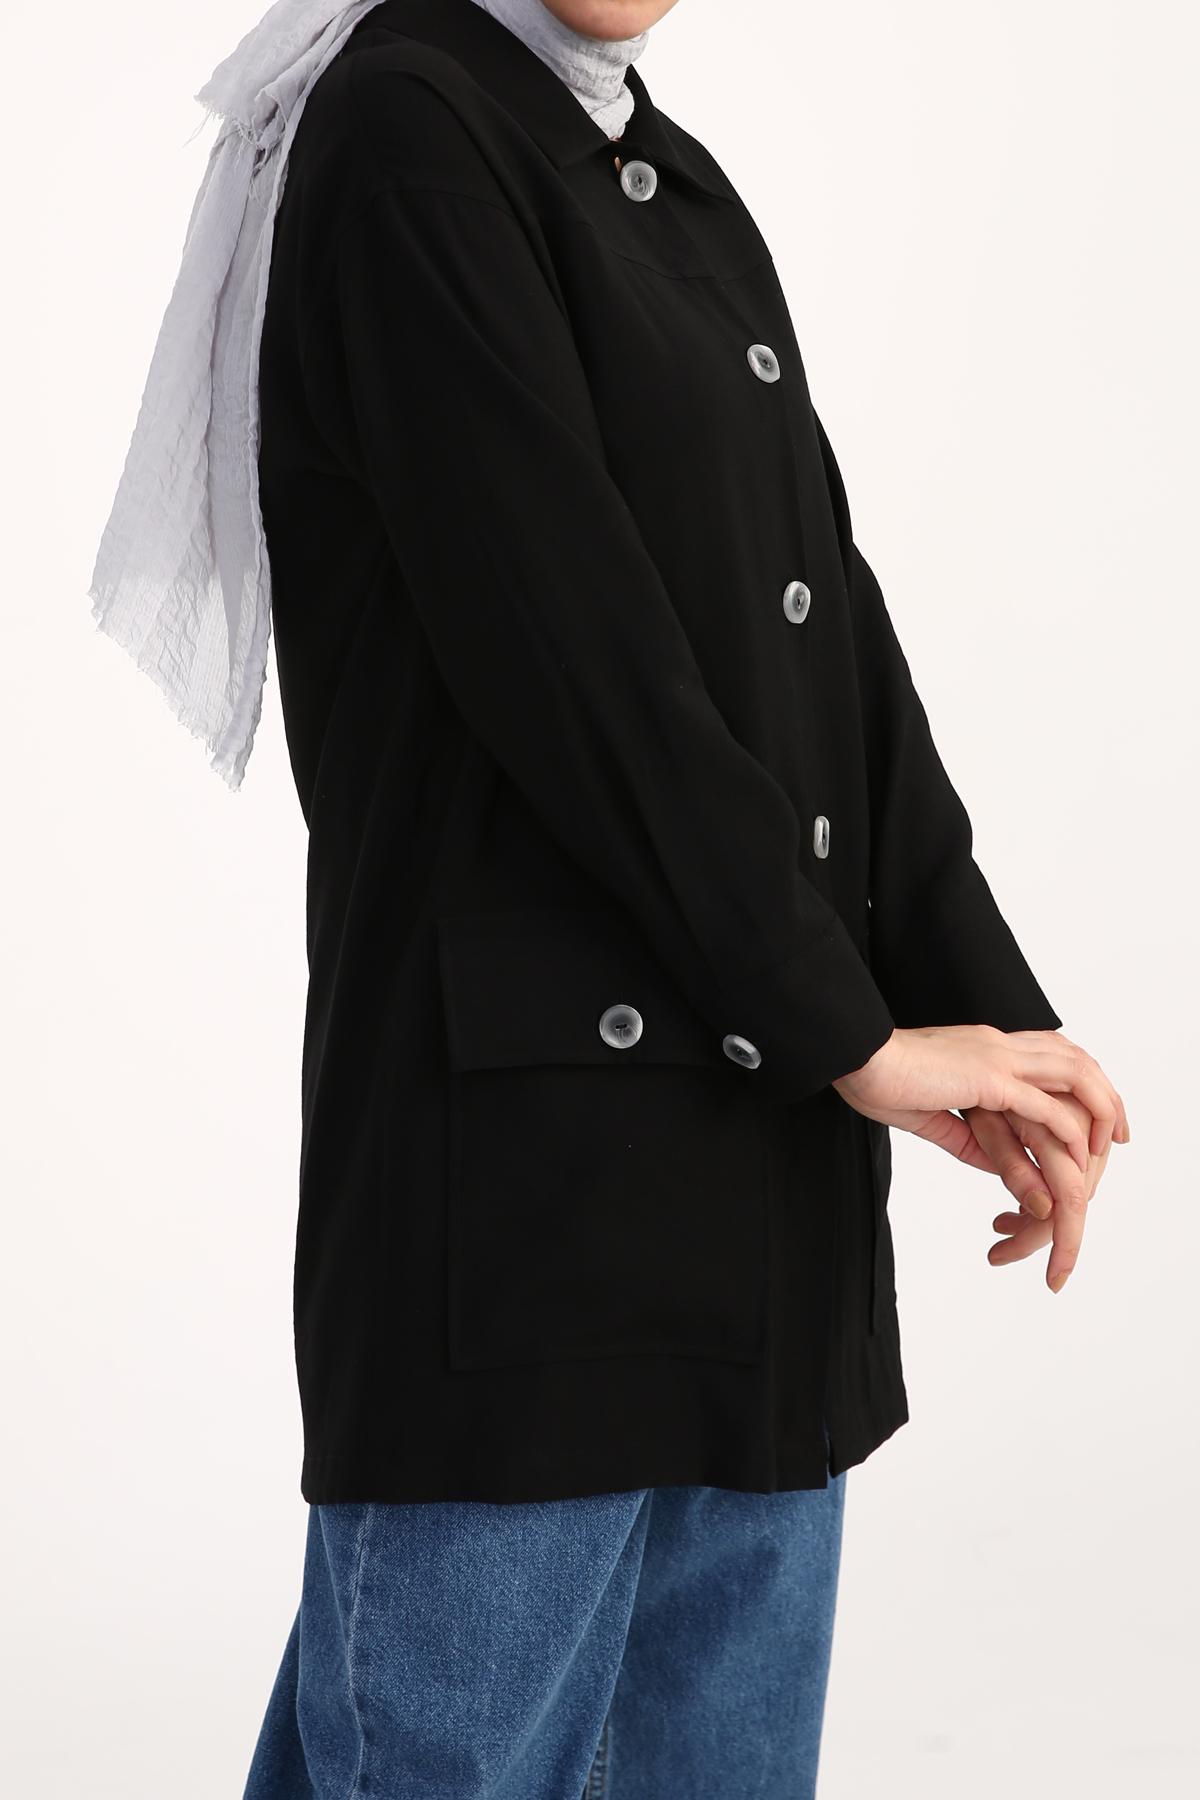 Pocket Detail Buttoned Jacket